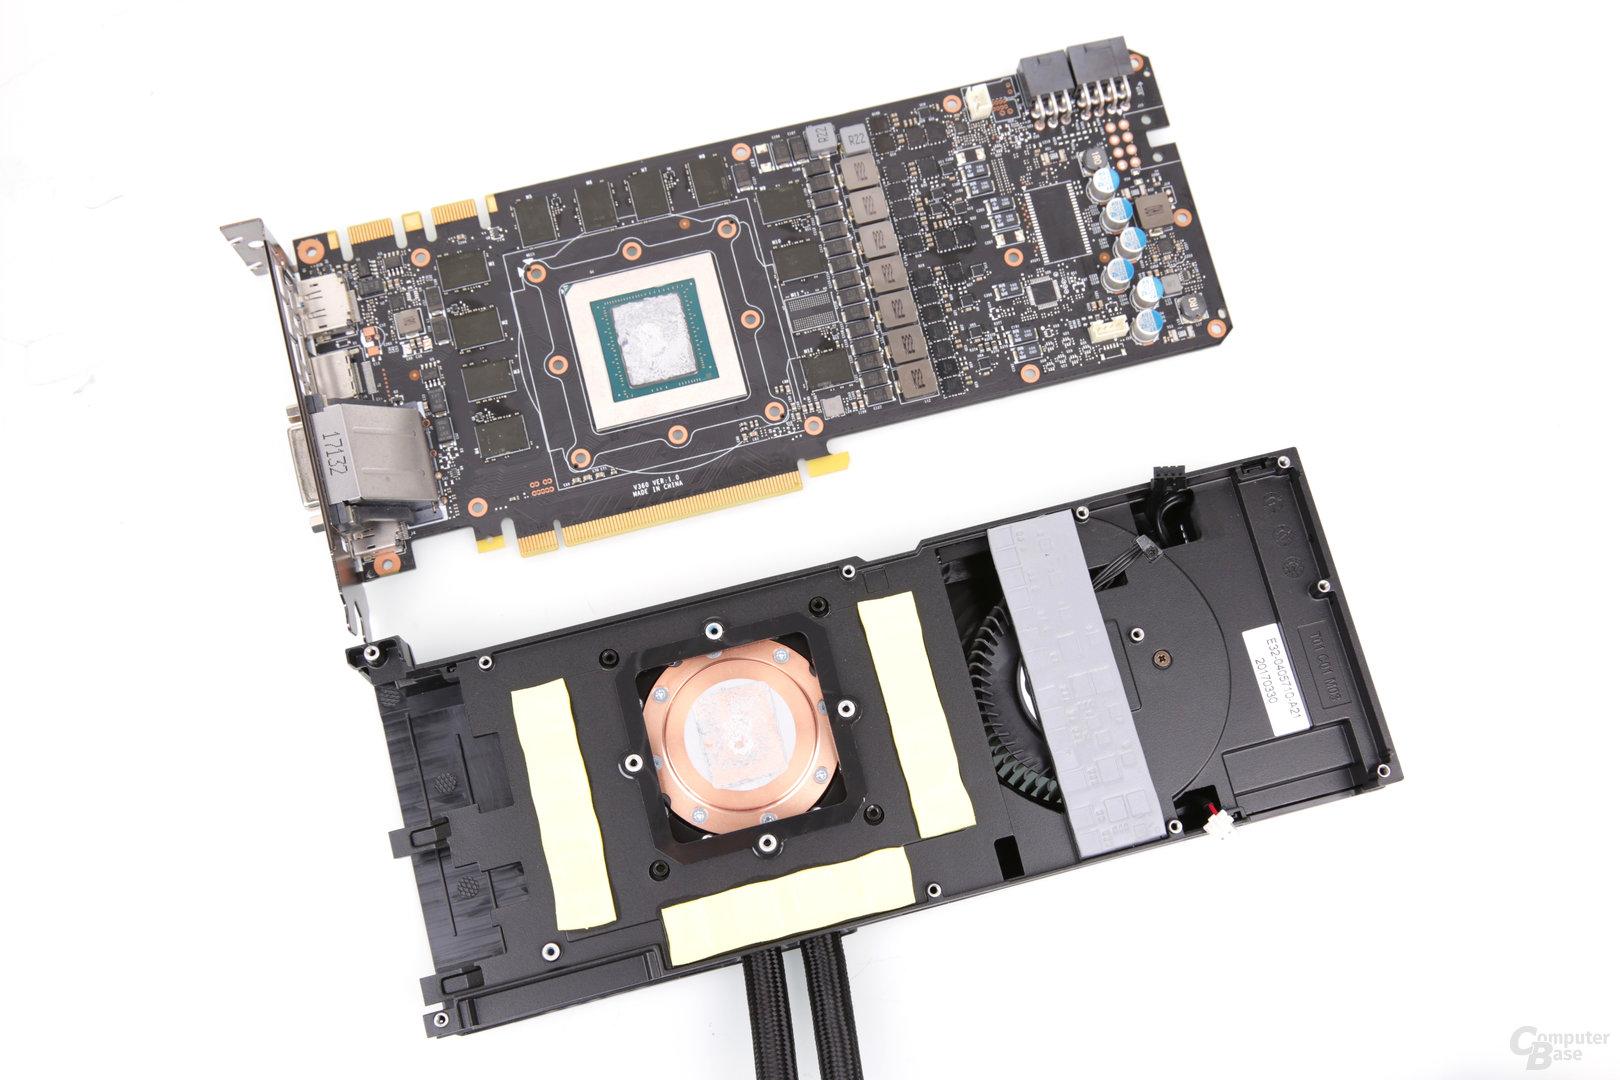 Kühlsystem für das Referenz-PCB mit All-in-One-Wakü und Radiallüfter